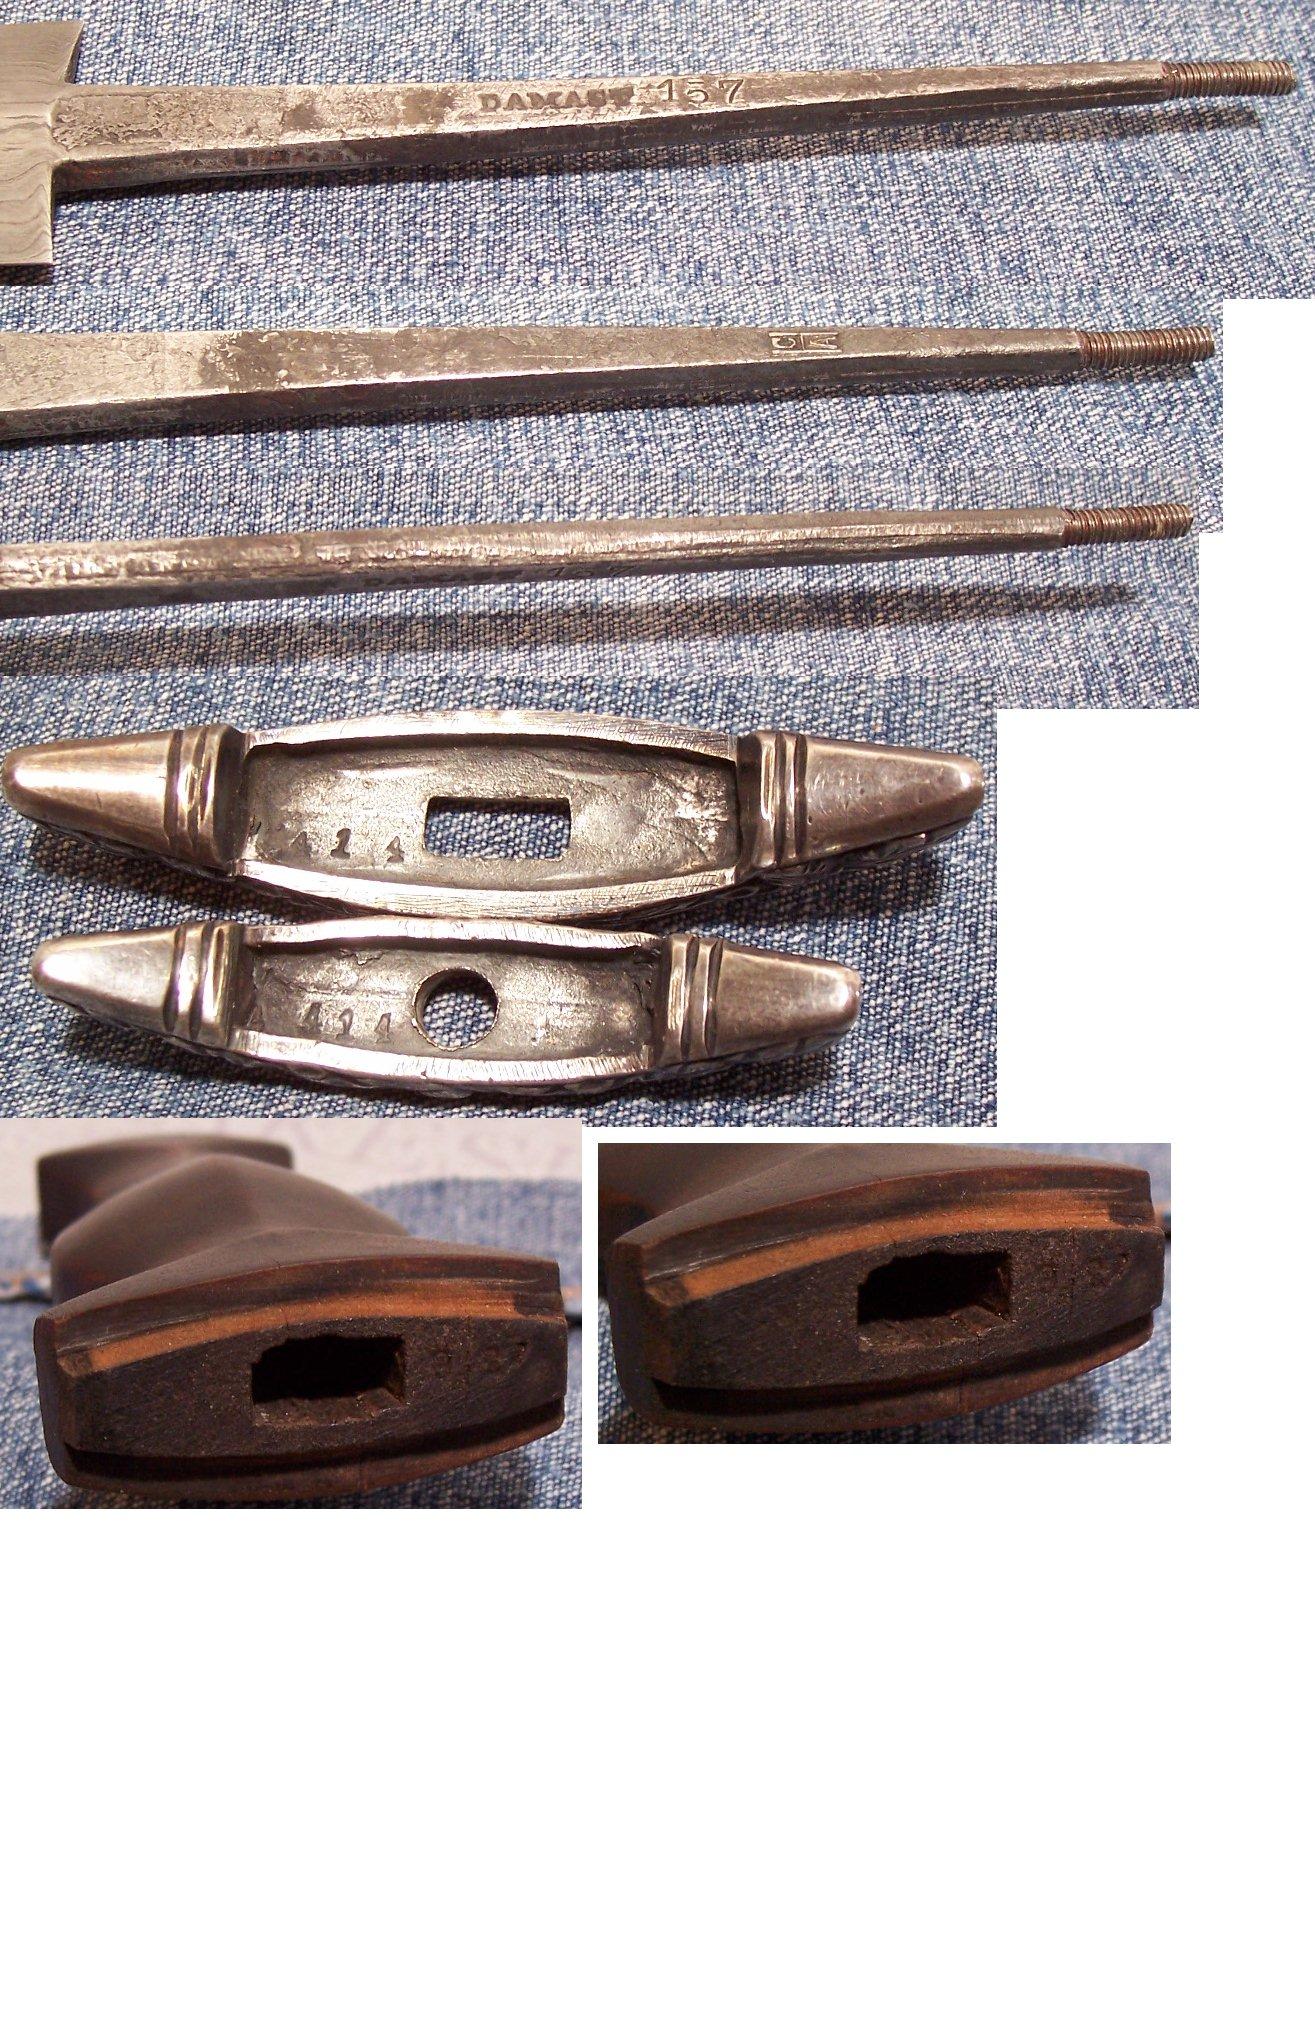 Early SA Honor Dagger by Eickhorn